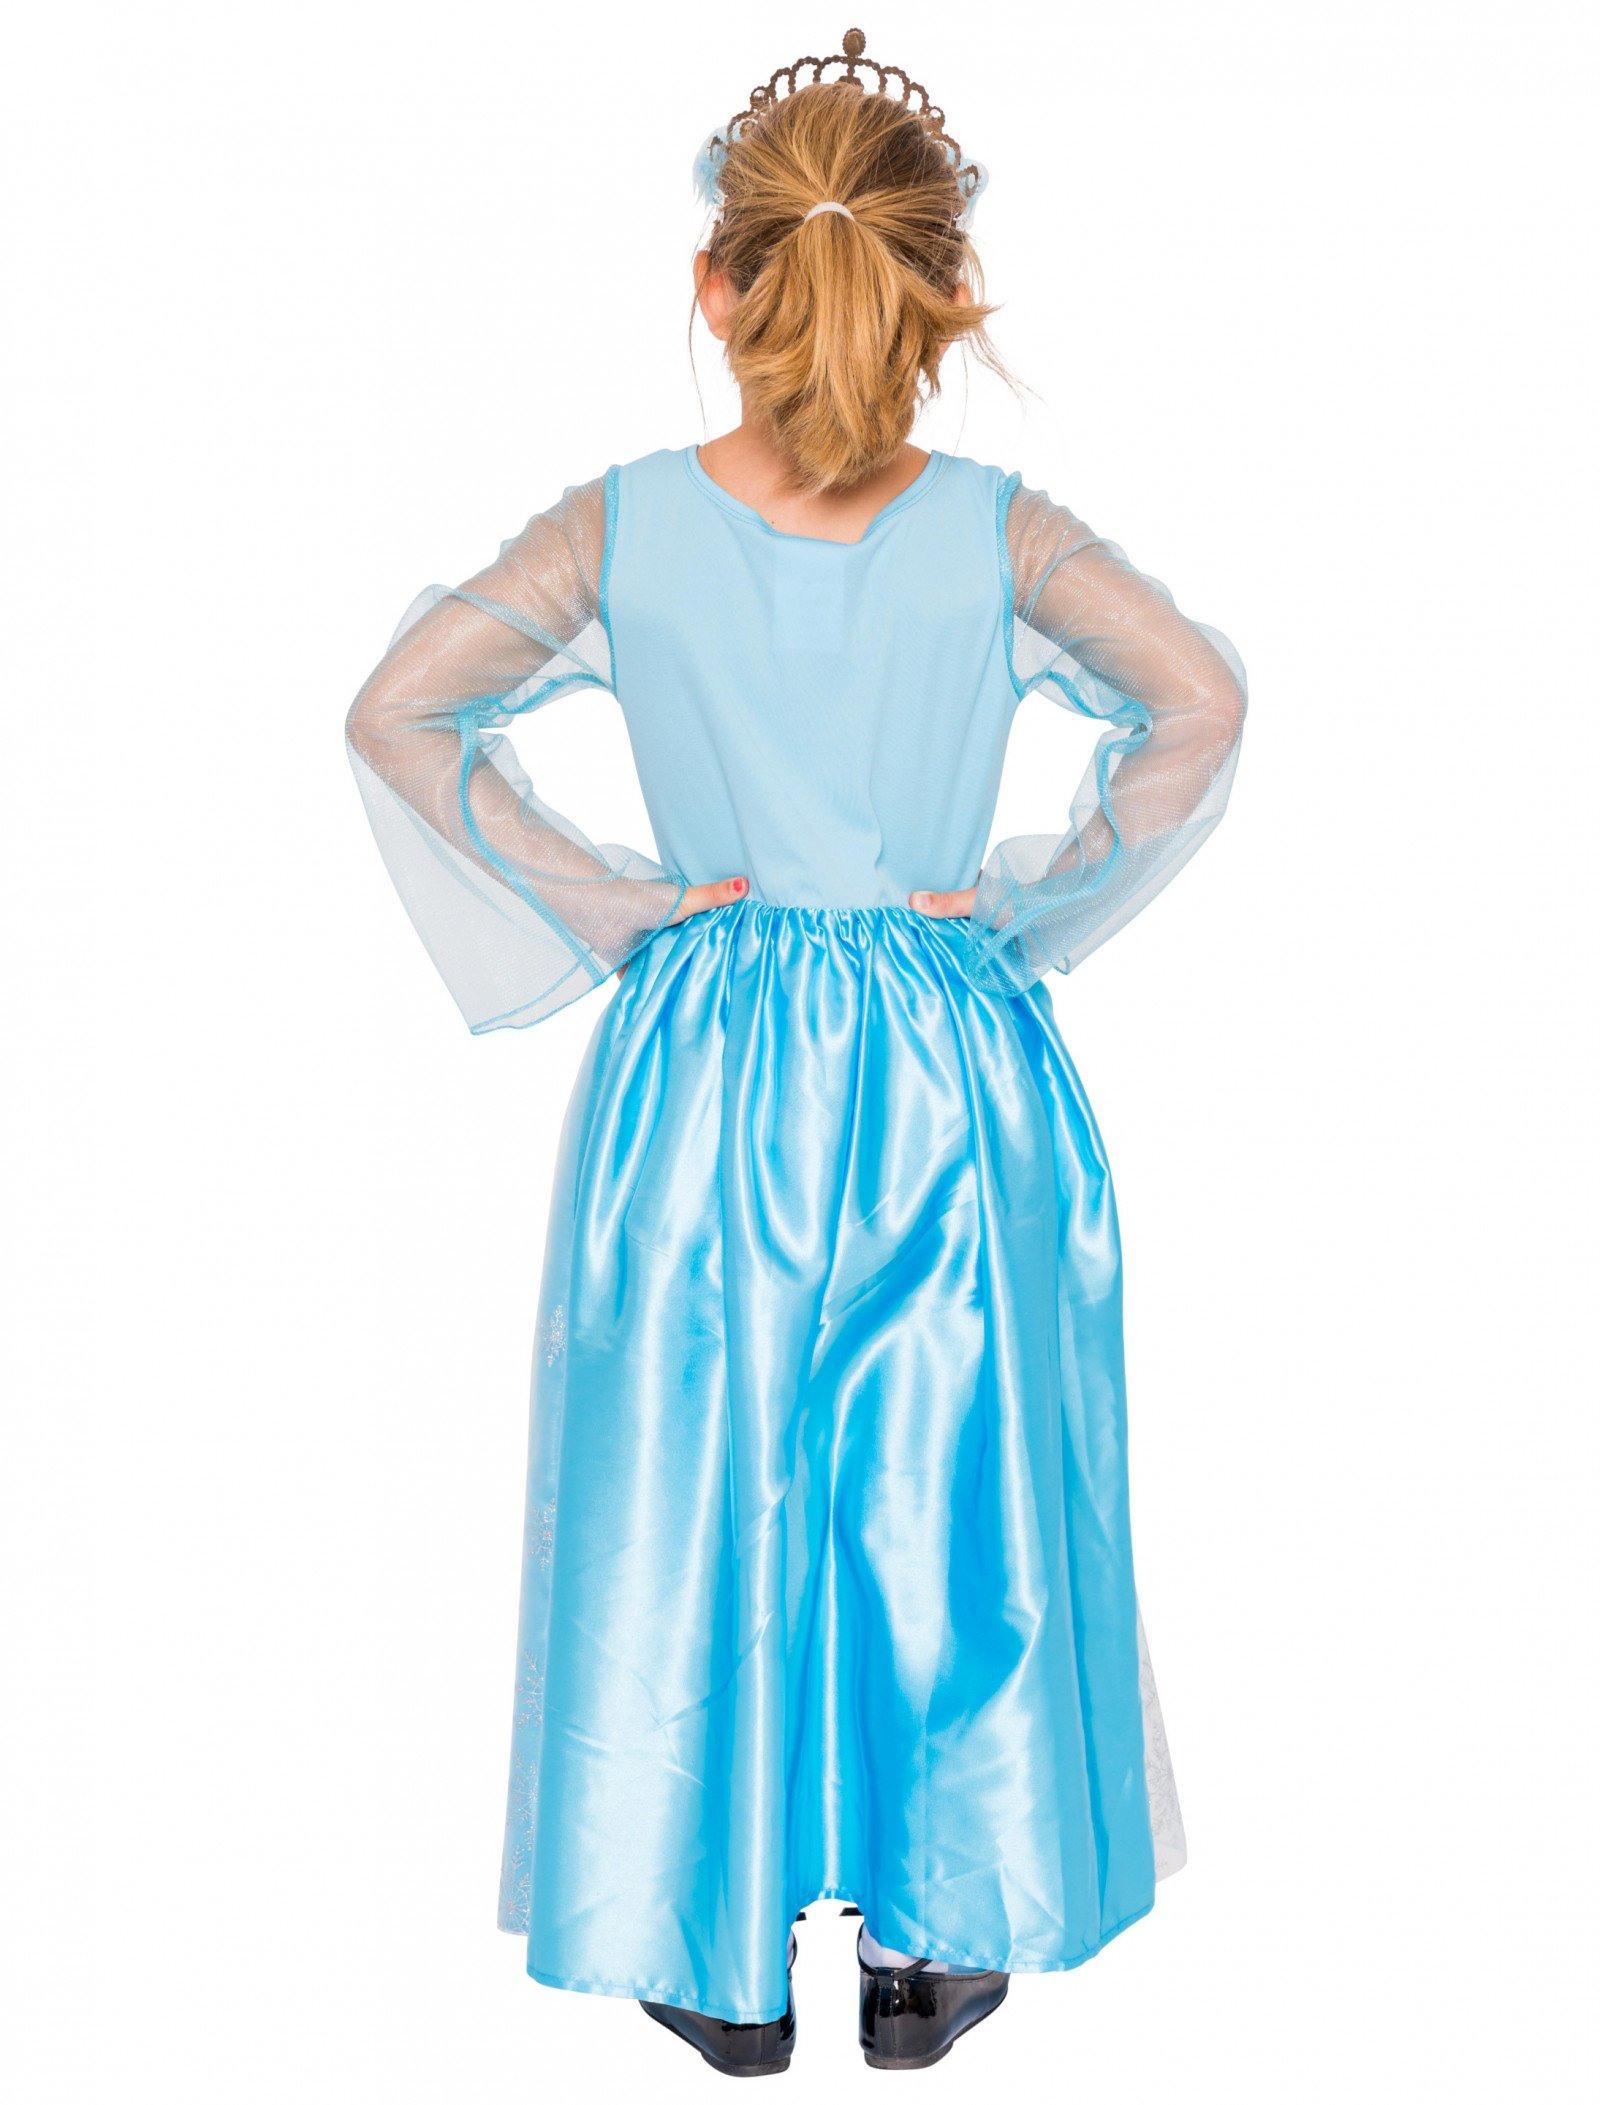 Kleid Prinzessin Blau Kinder Hier Kaufen » Deiters